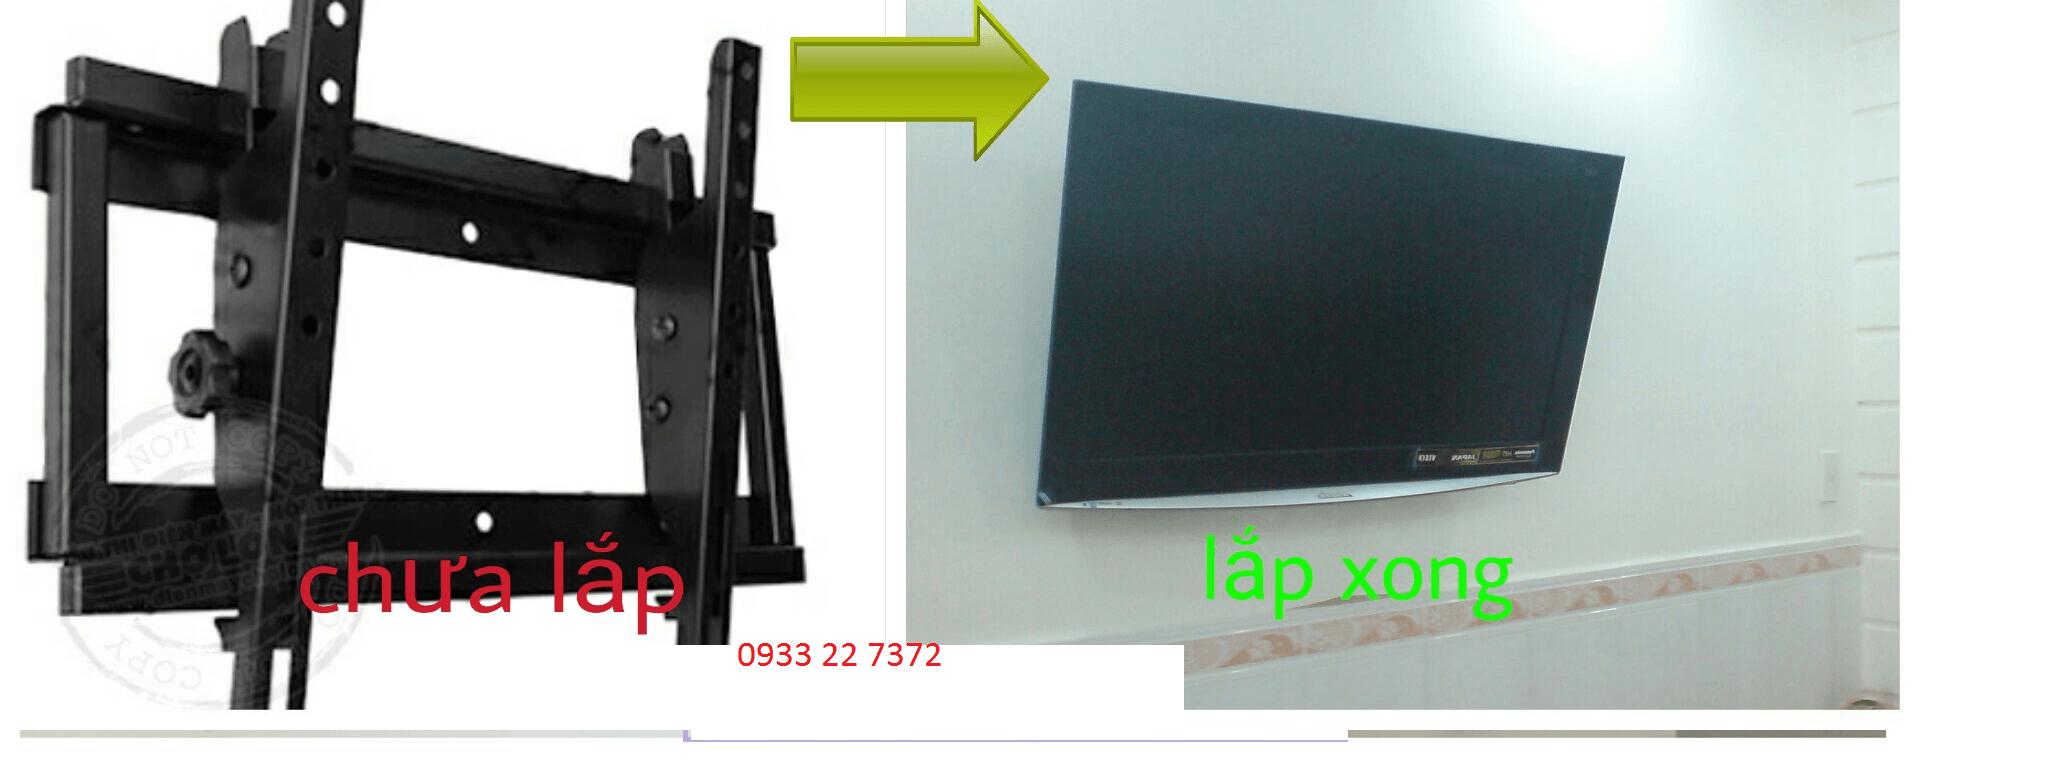 lắp đặt khung treo tivi tại bình chánh